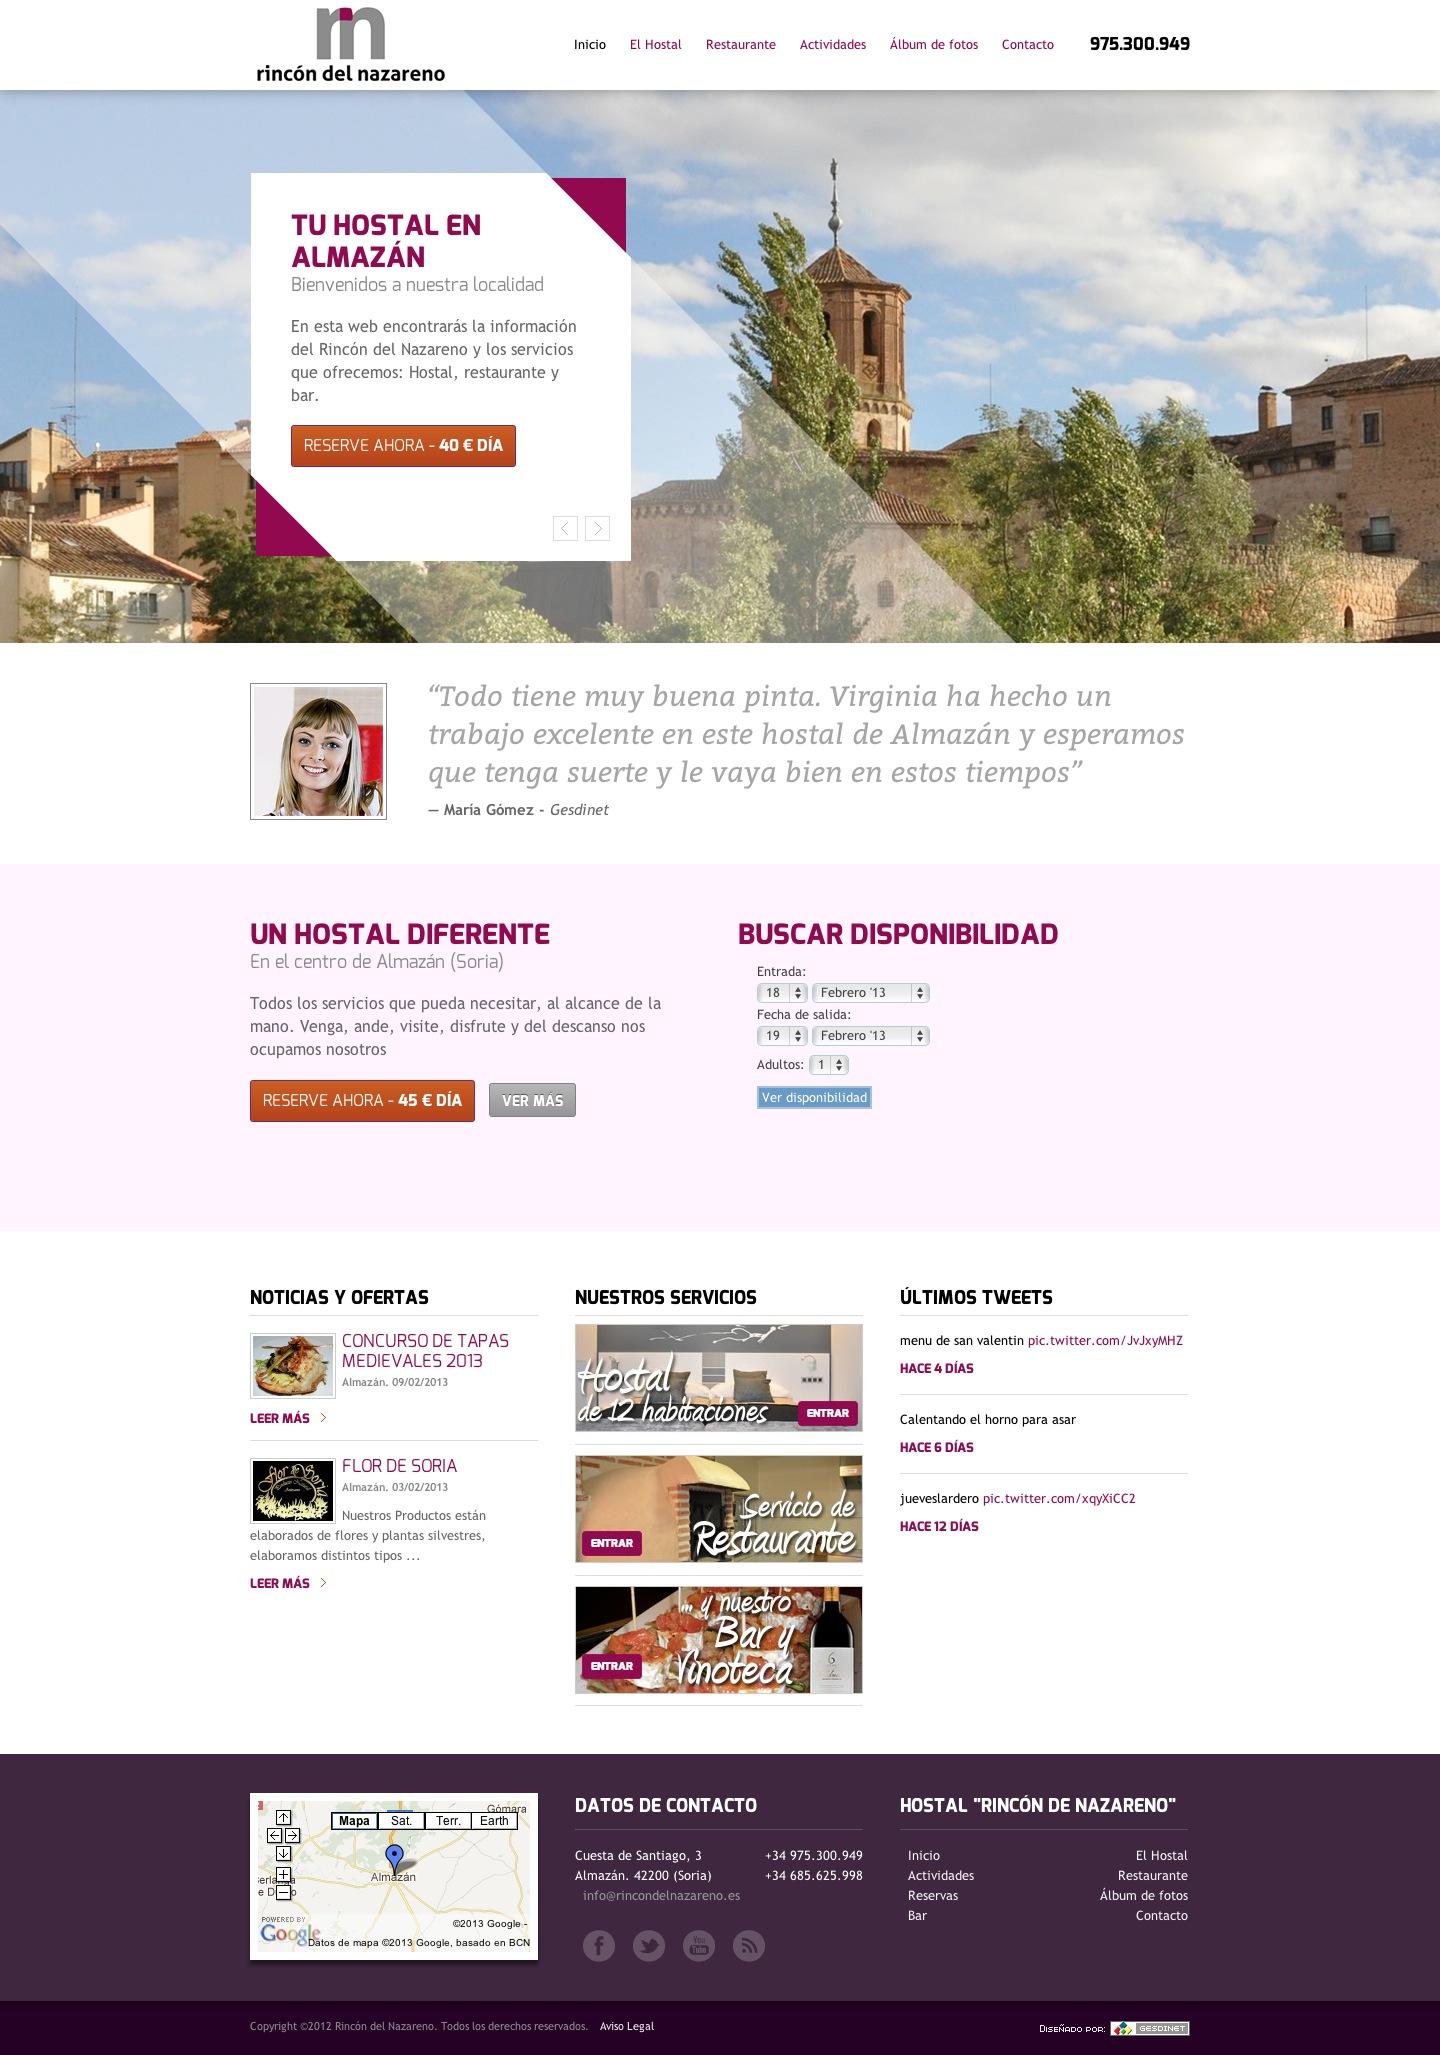 Seguimos trabajando: Residencia de Mayores La Solana, Hostal Rincón del Nazareno y web de Elena Lavilla Campo